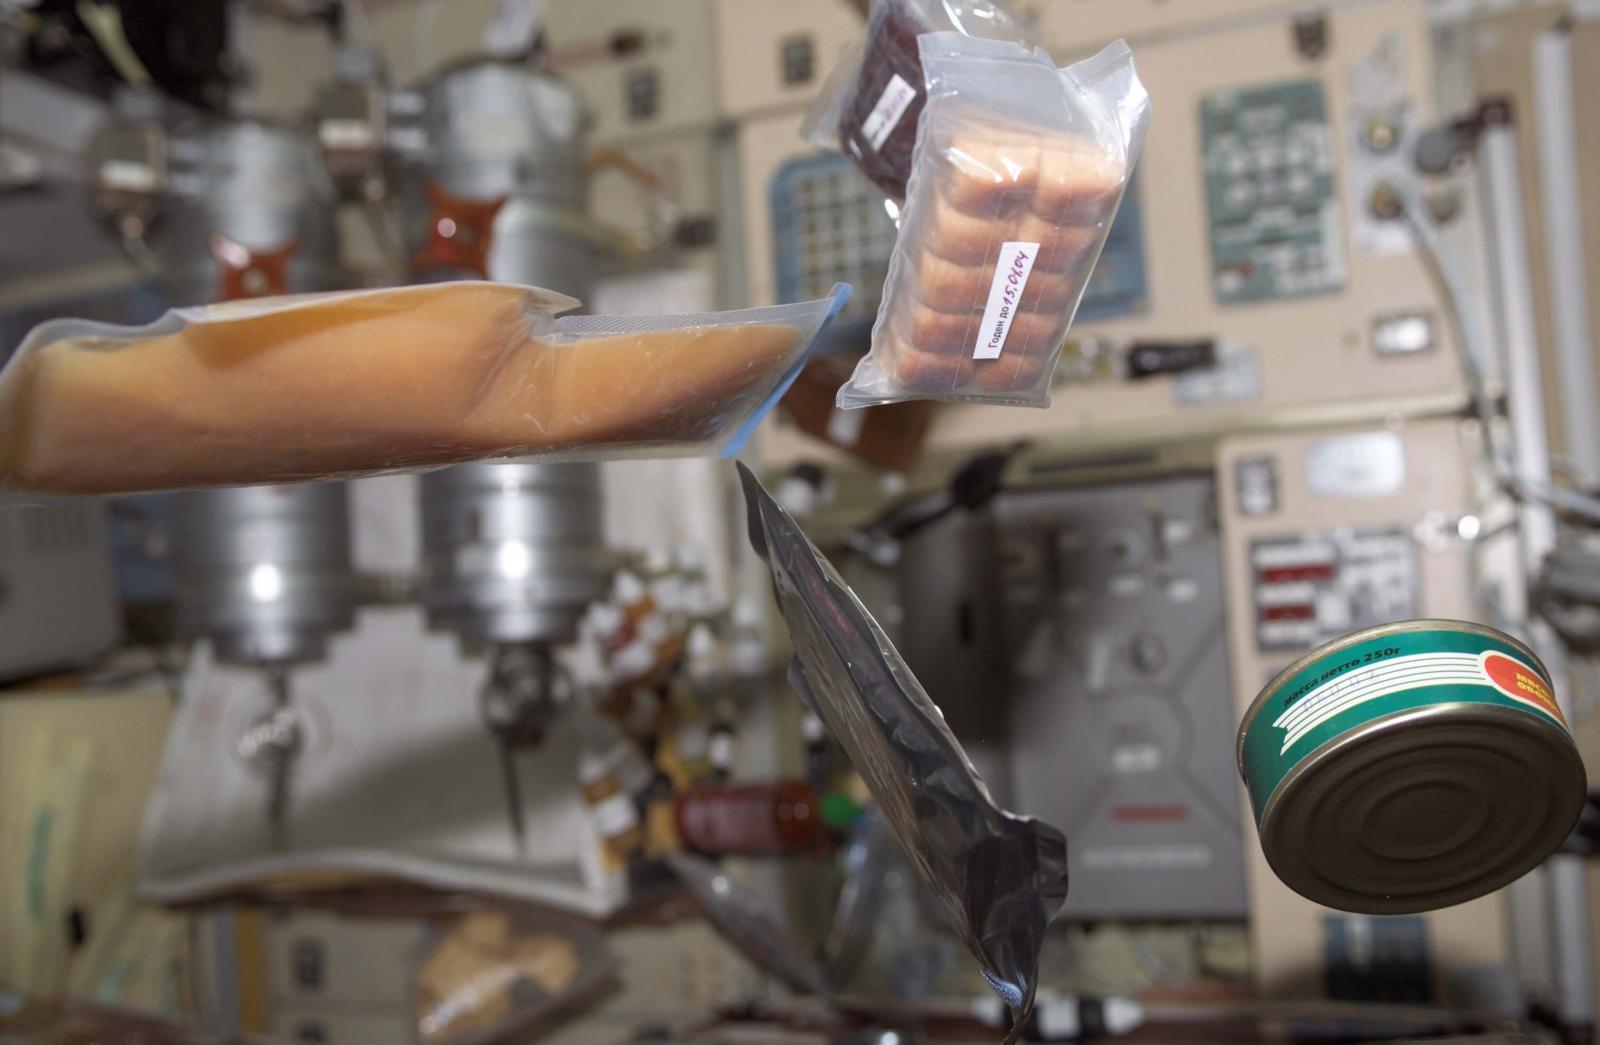 В космосе нельзя есть продукты, которые могут раскрошиться